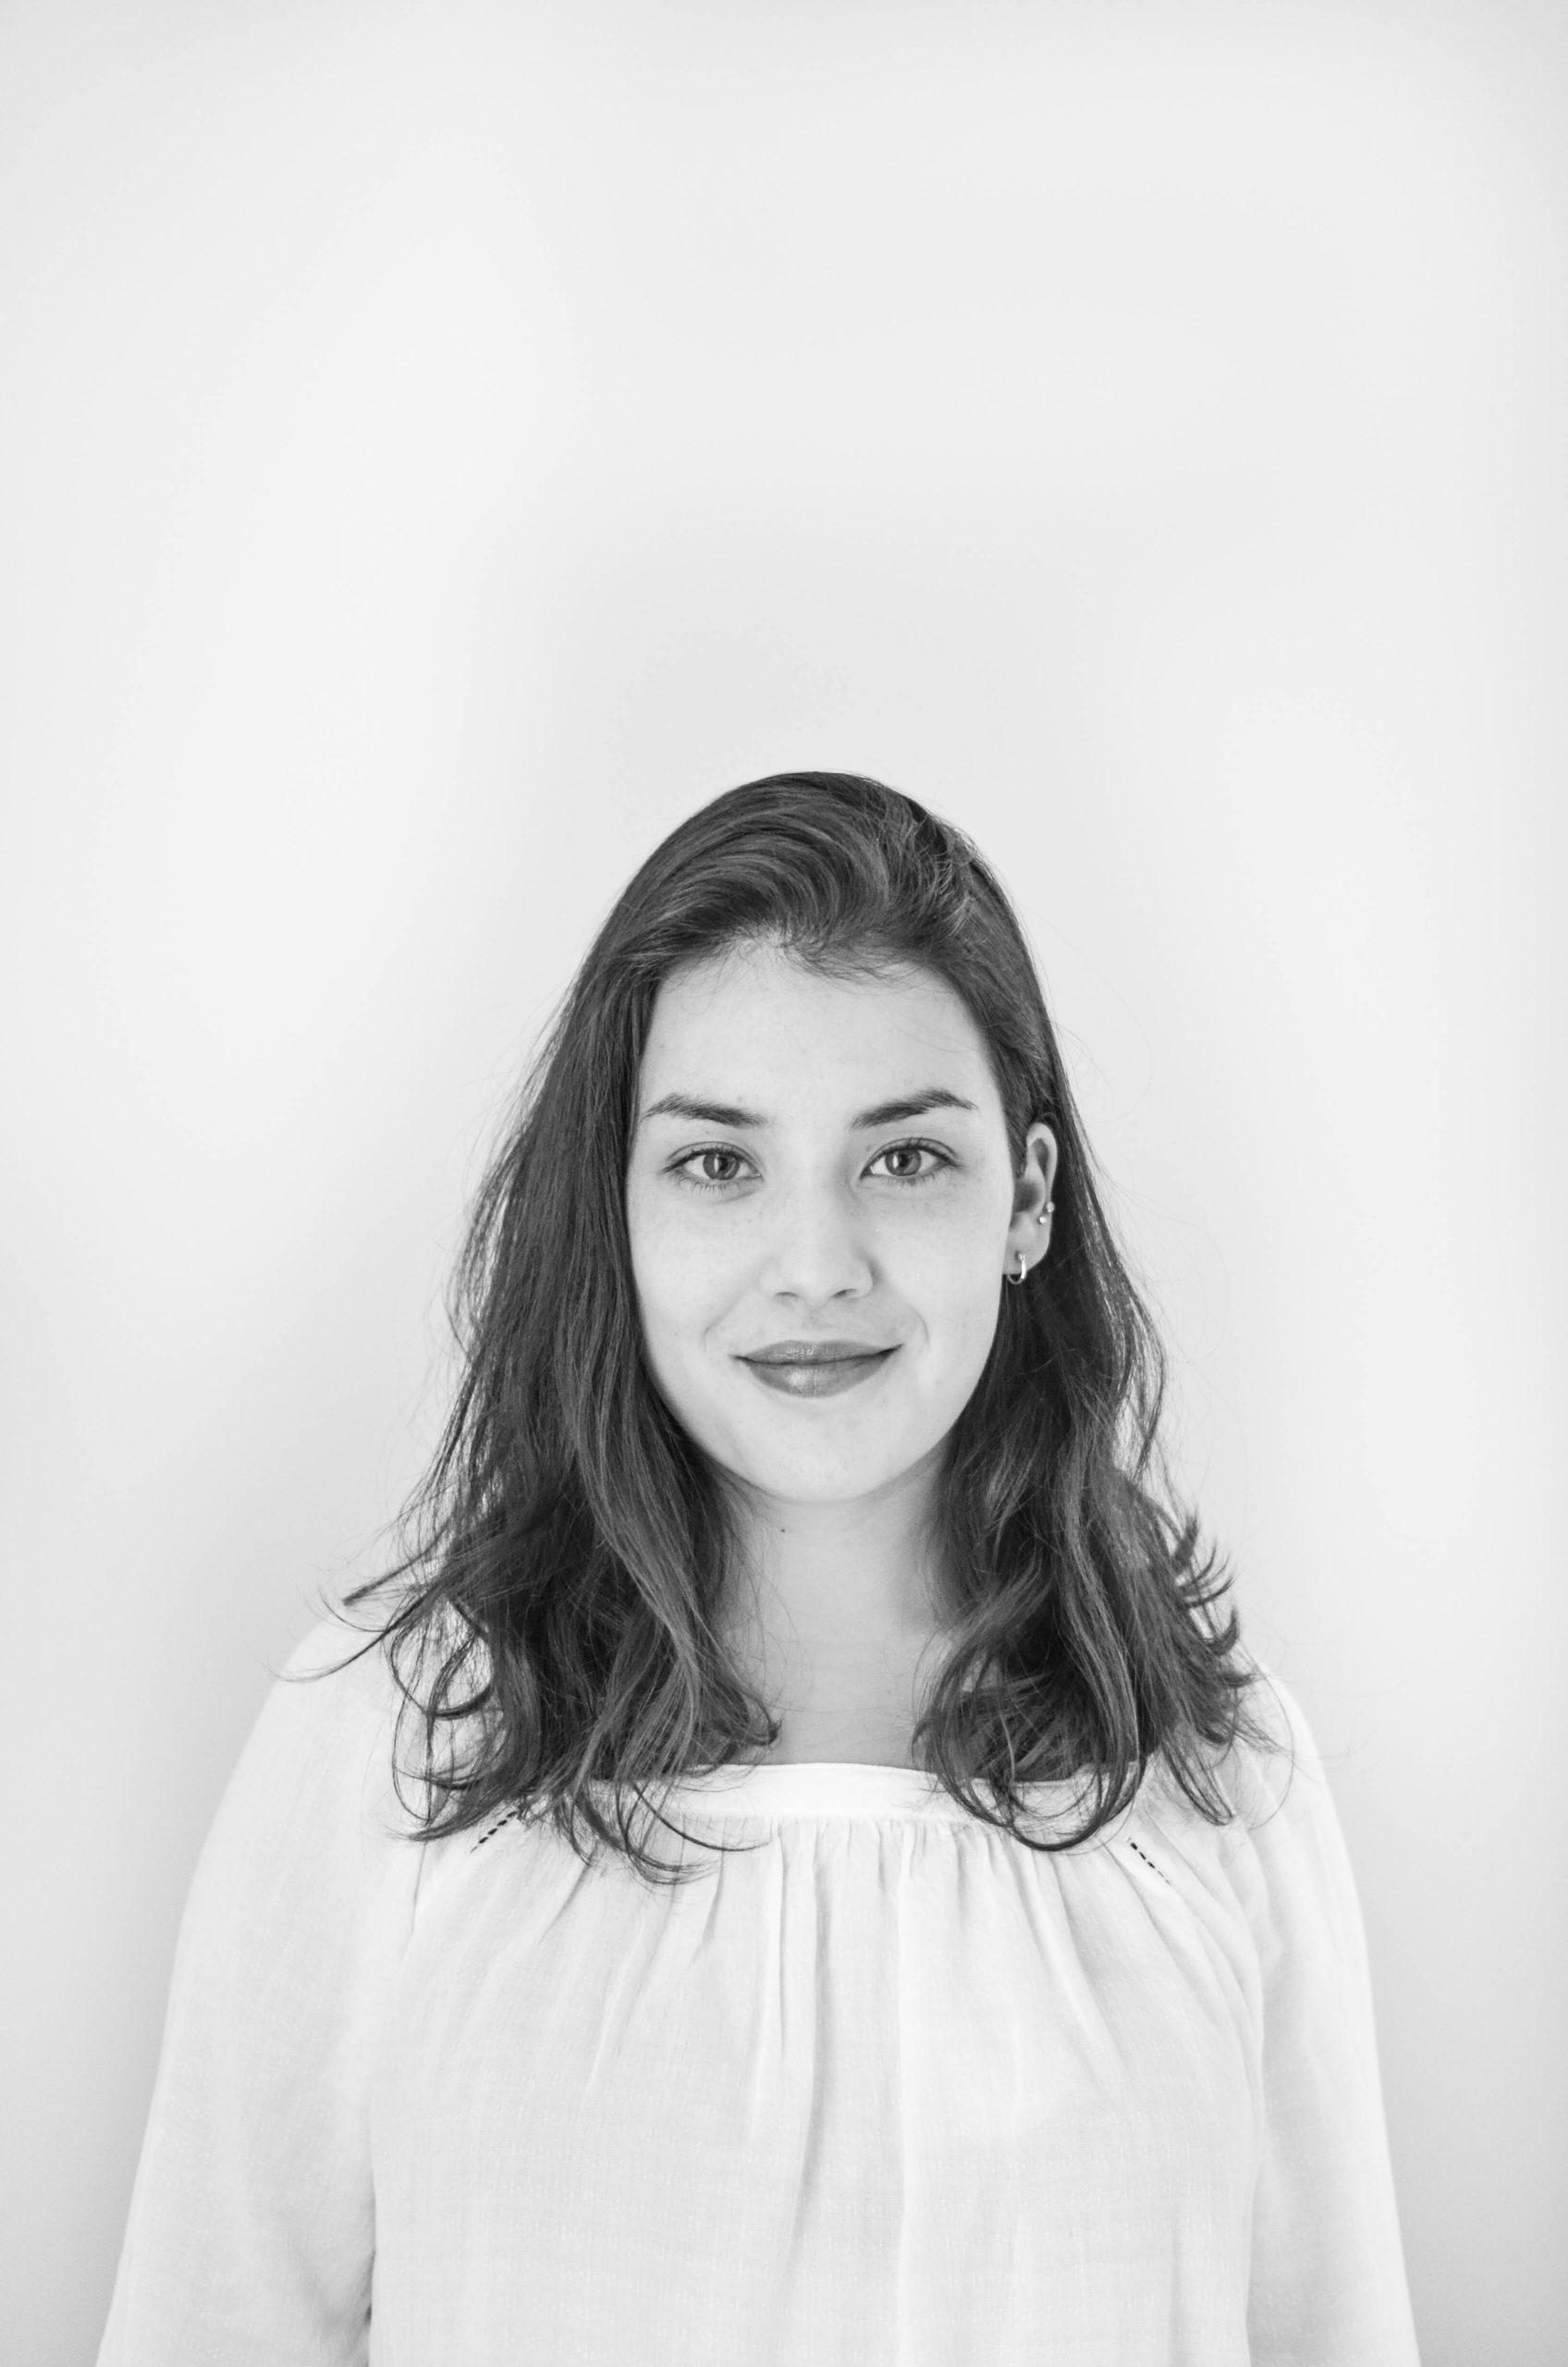 Naiara Santiso